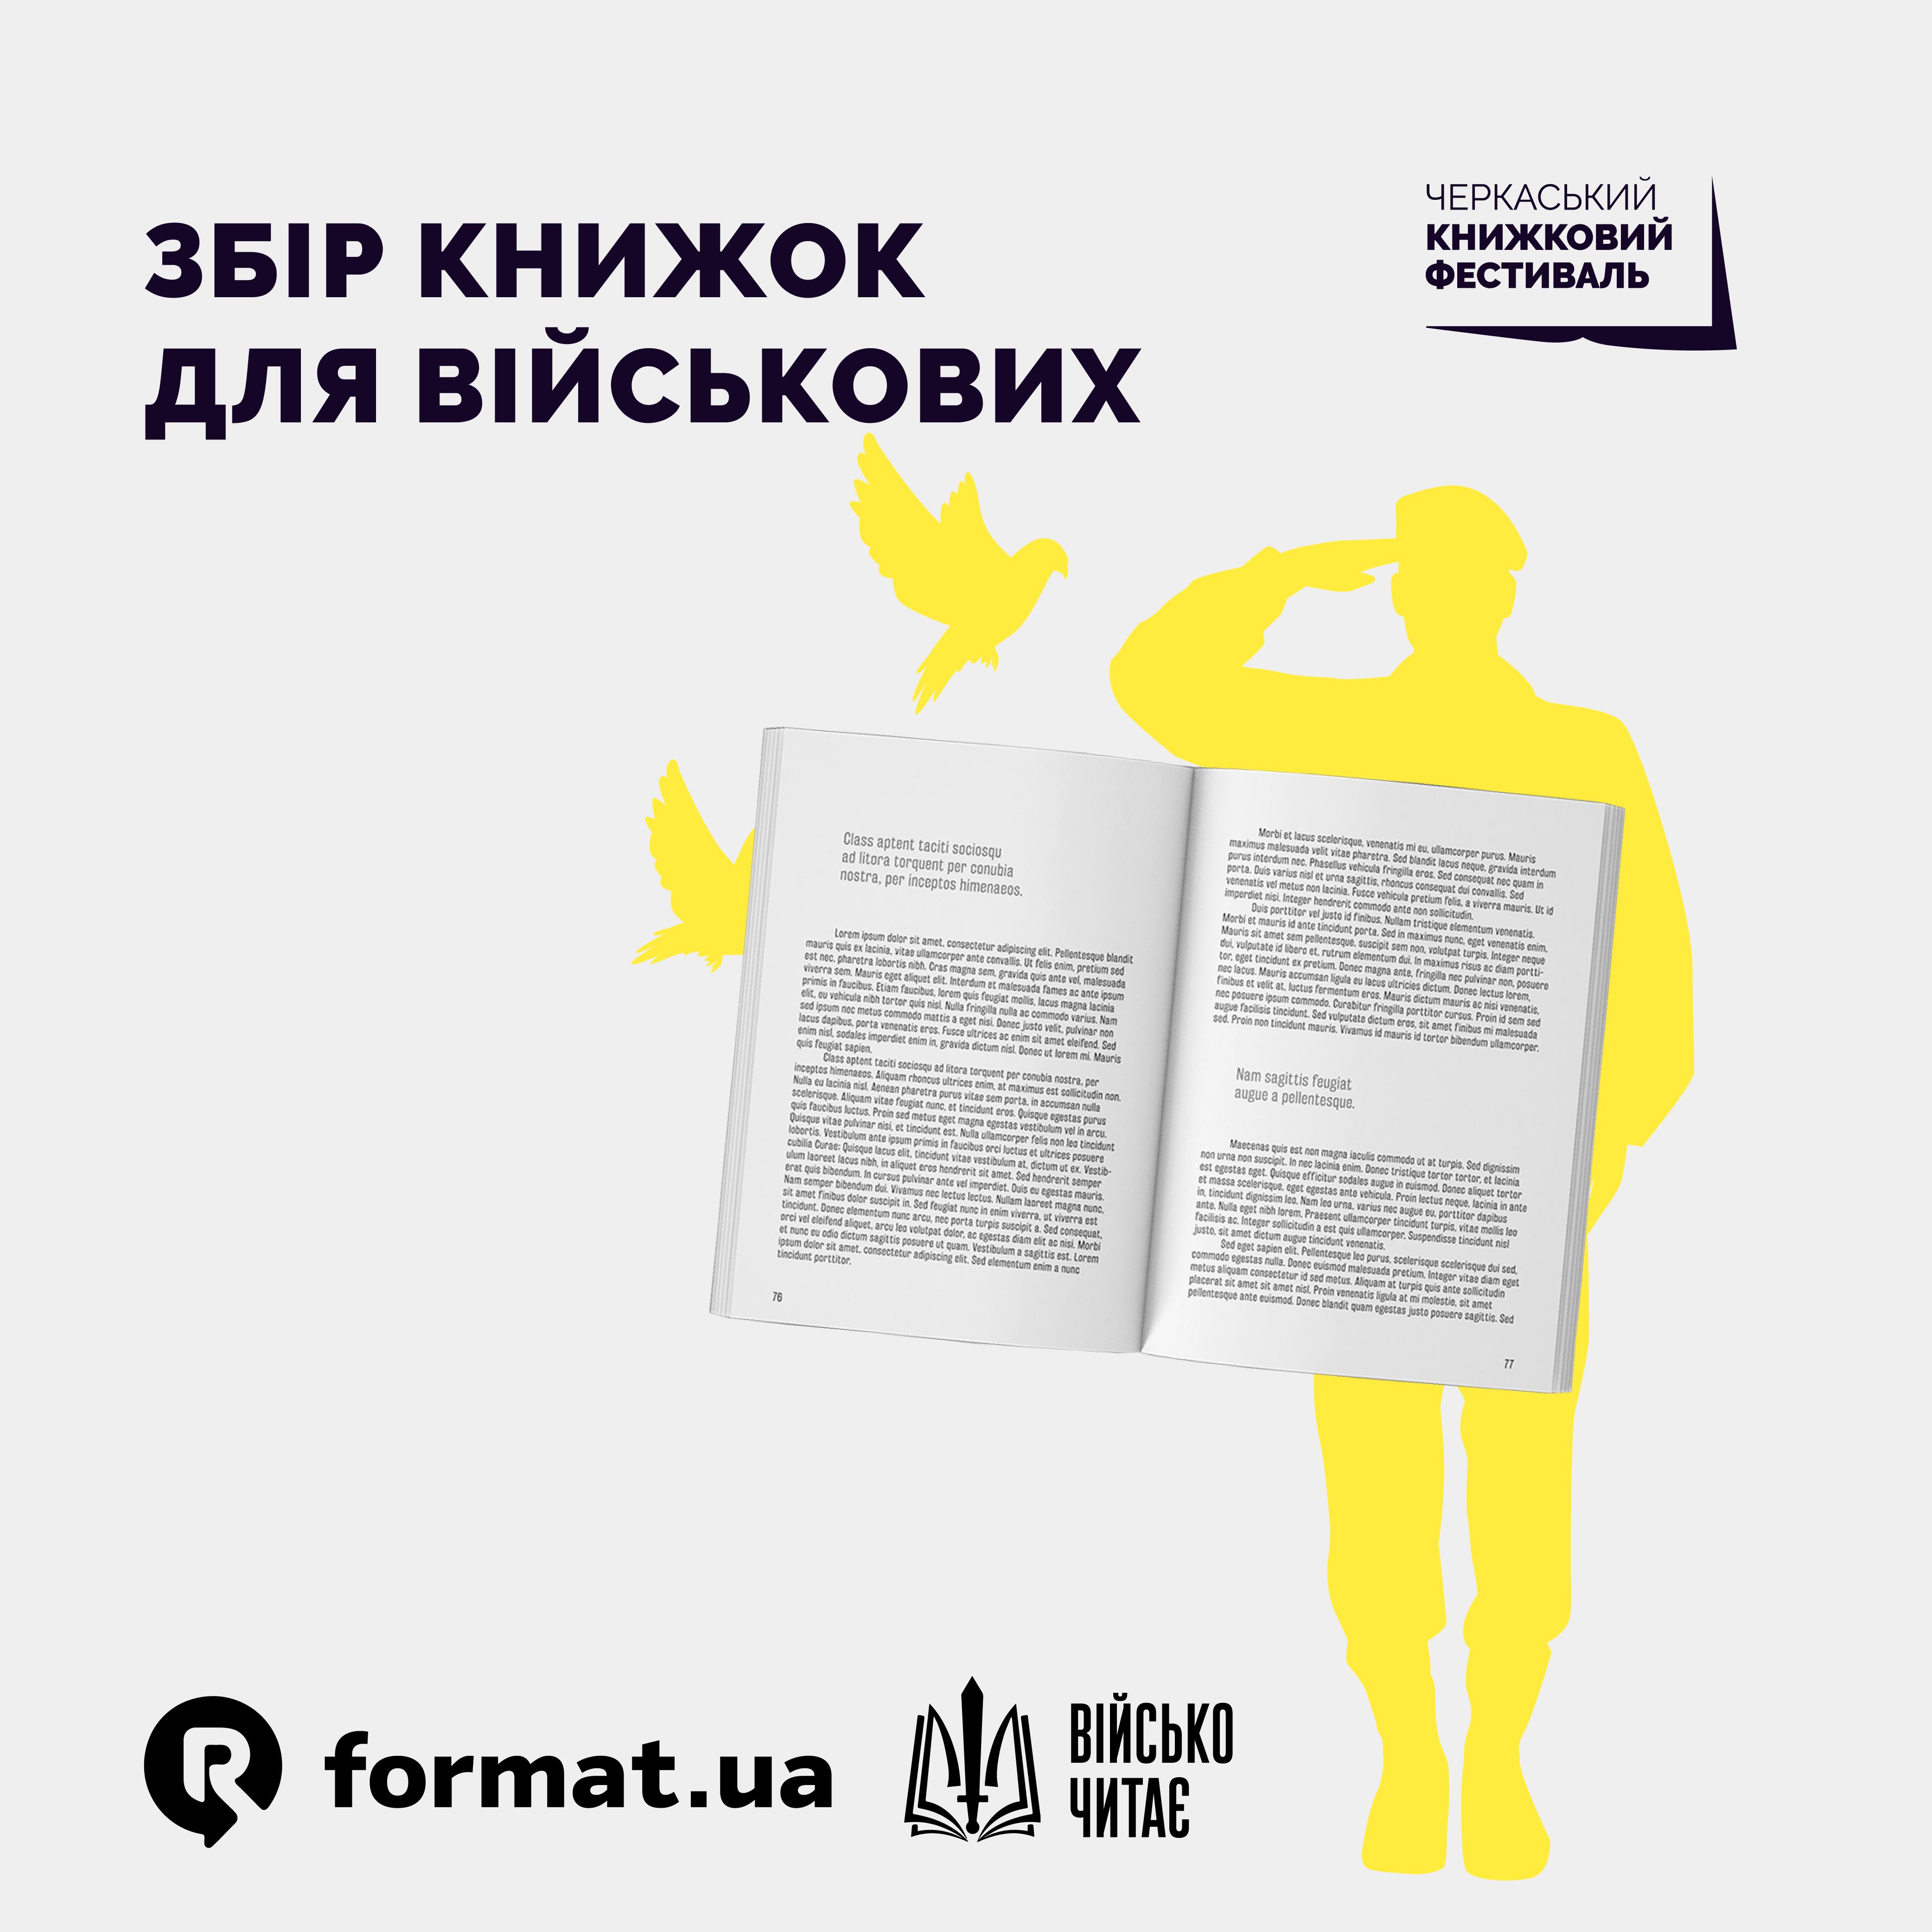 Під час Черкаського книжкового фестивалю збиратимуть книги для військових